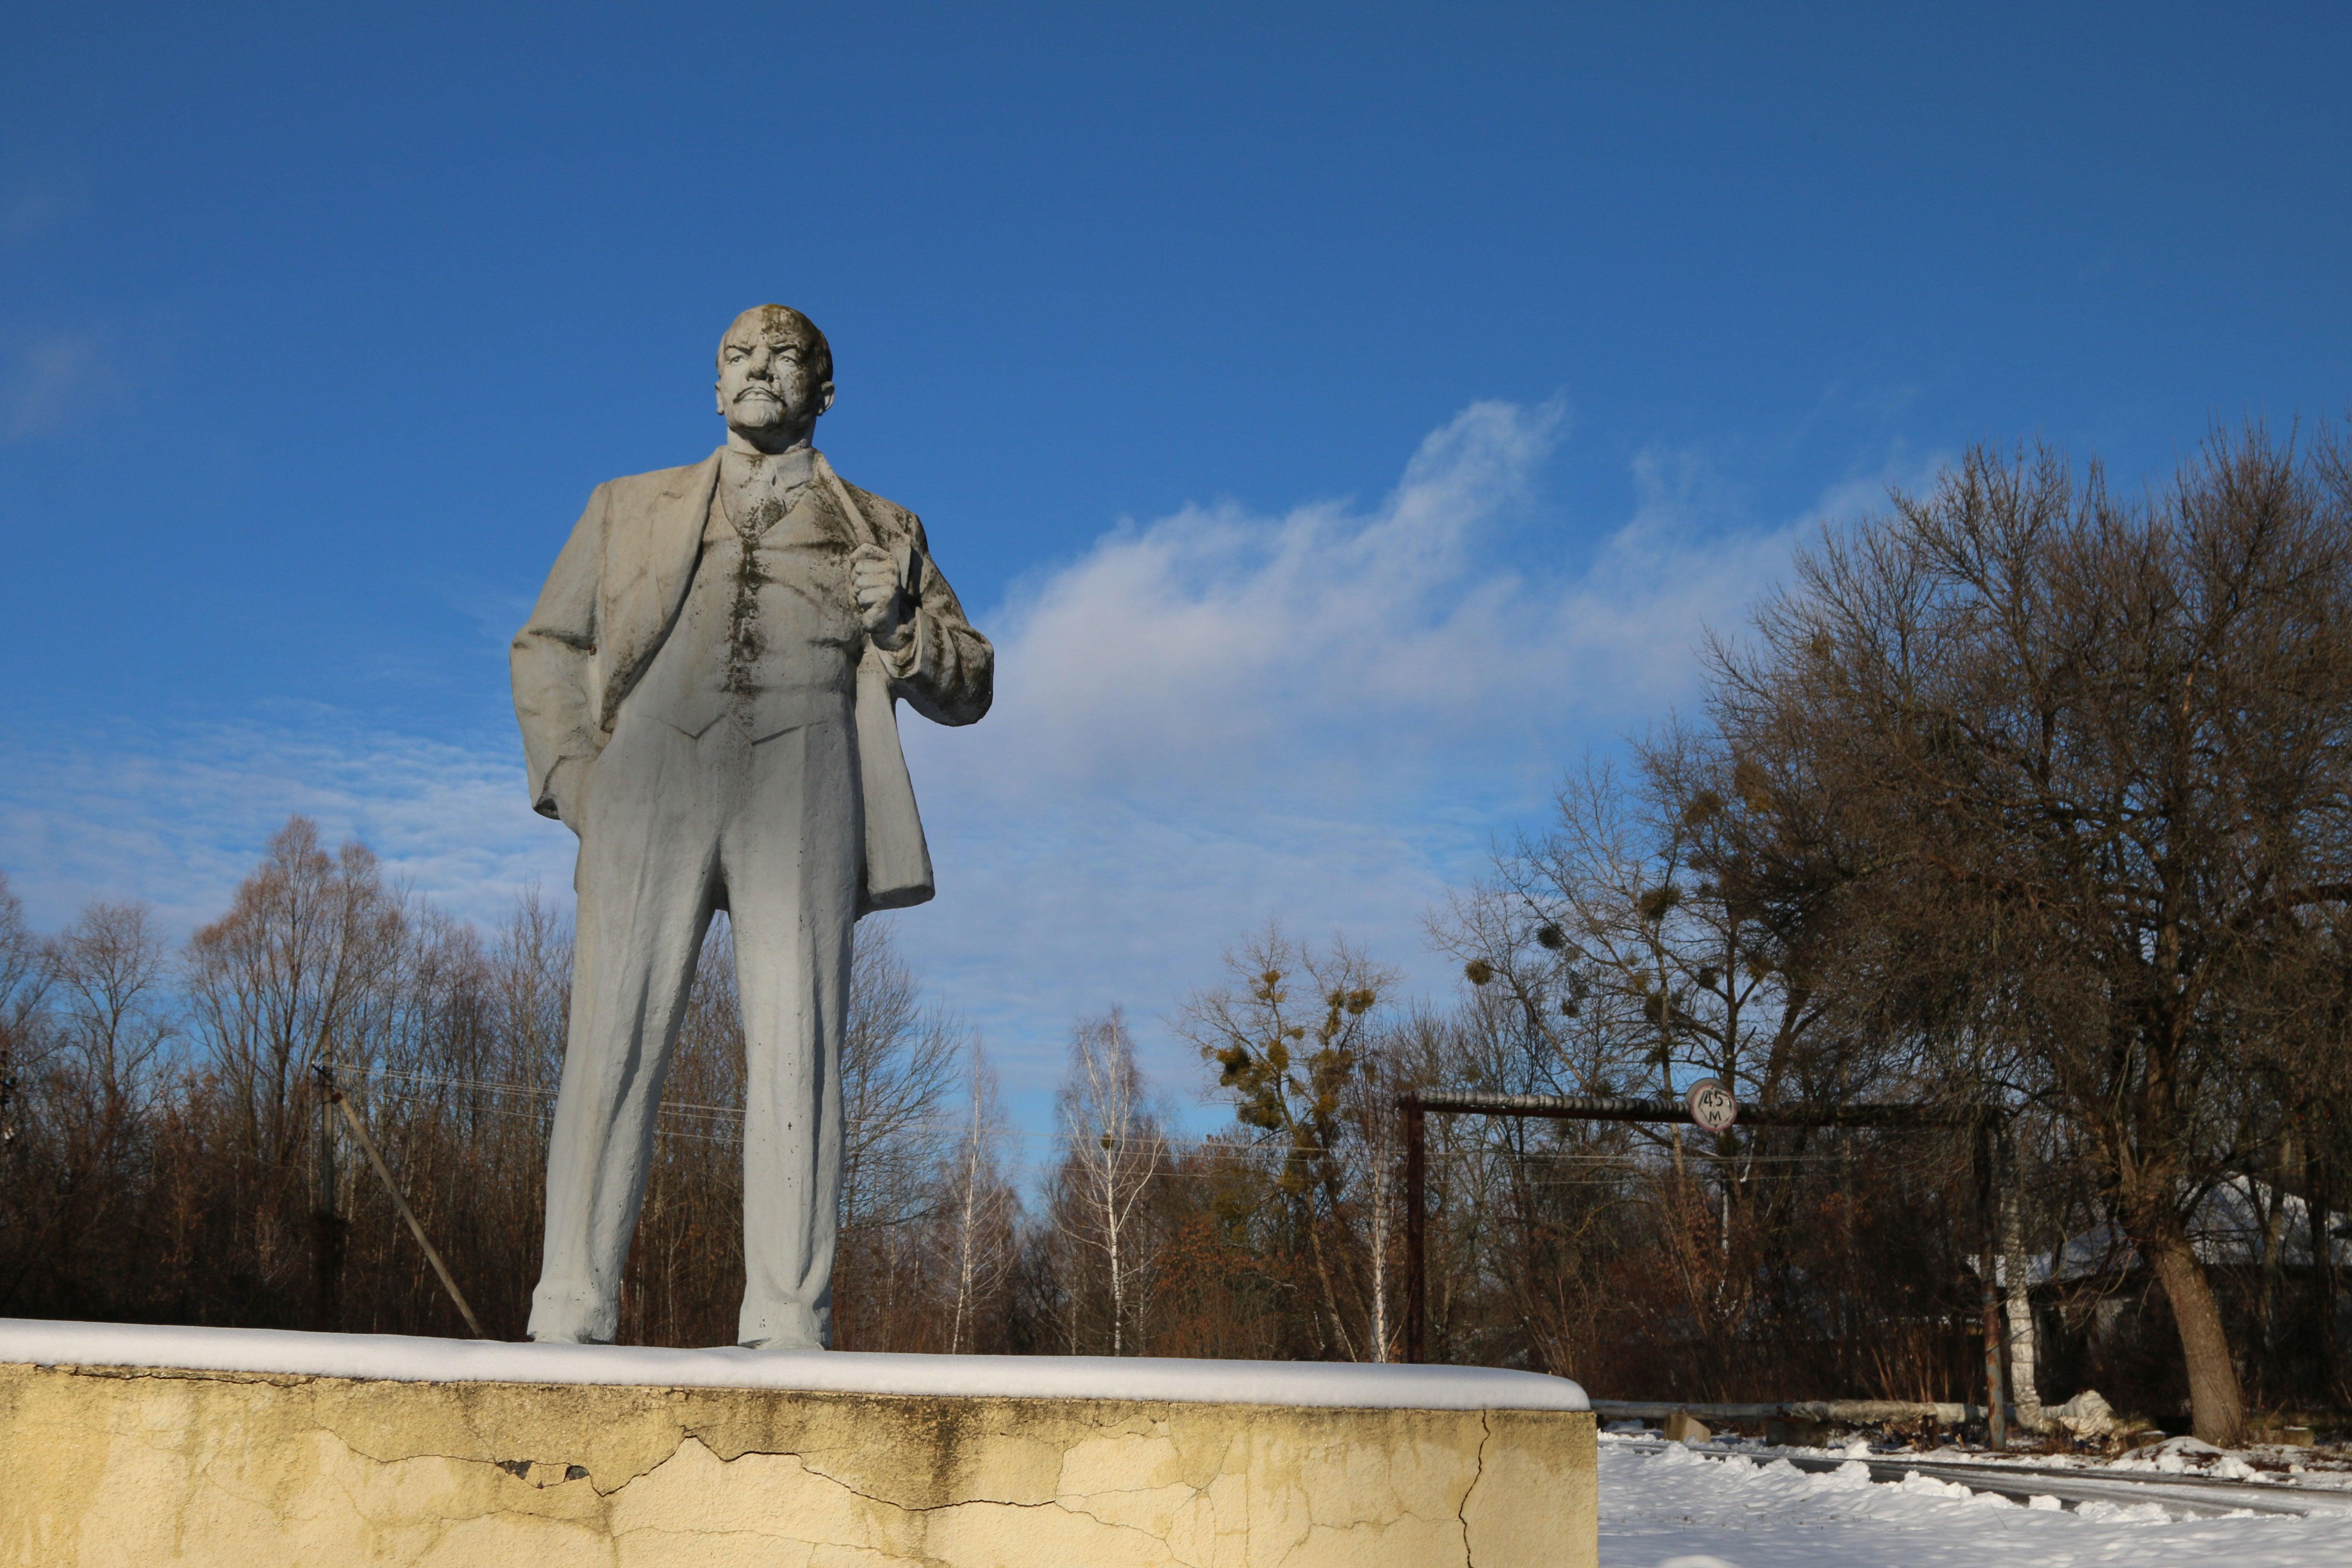 A statue of Vladimir Lenin in Chernobyl, Ukraine.